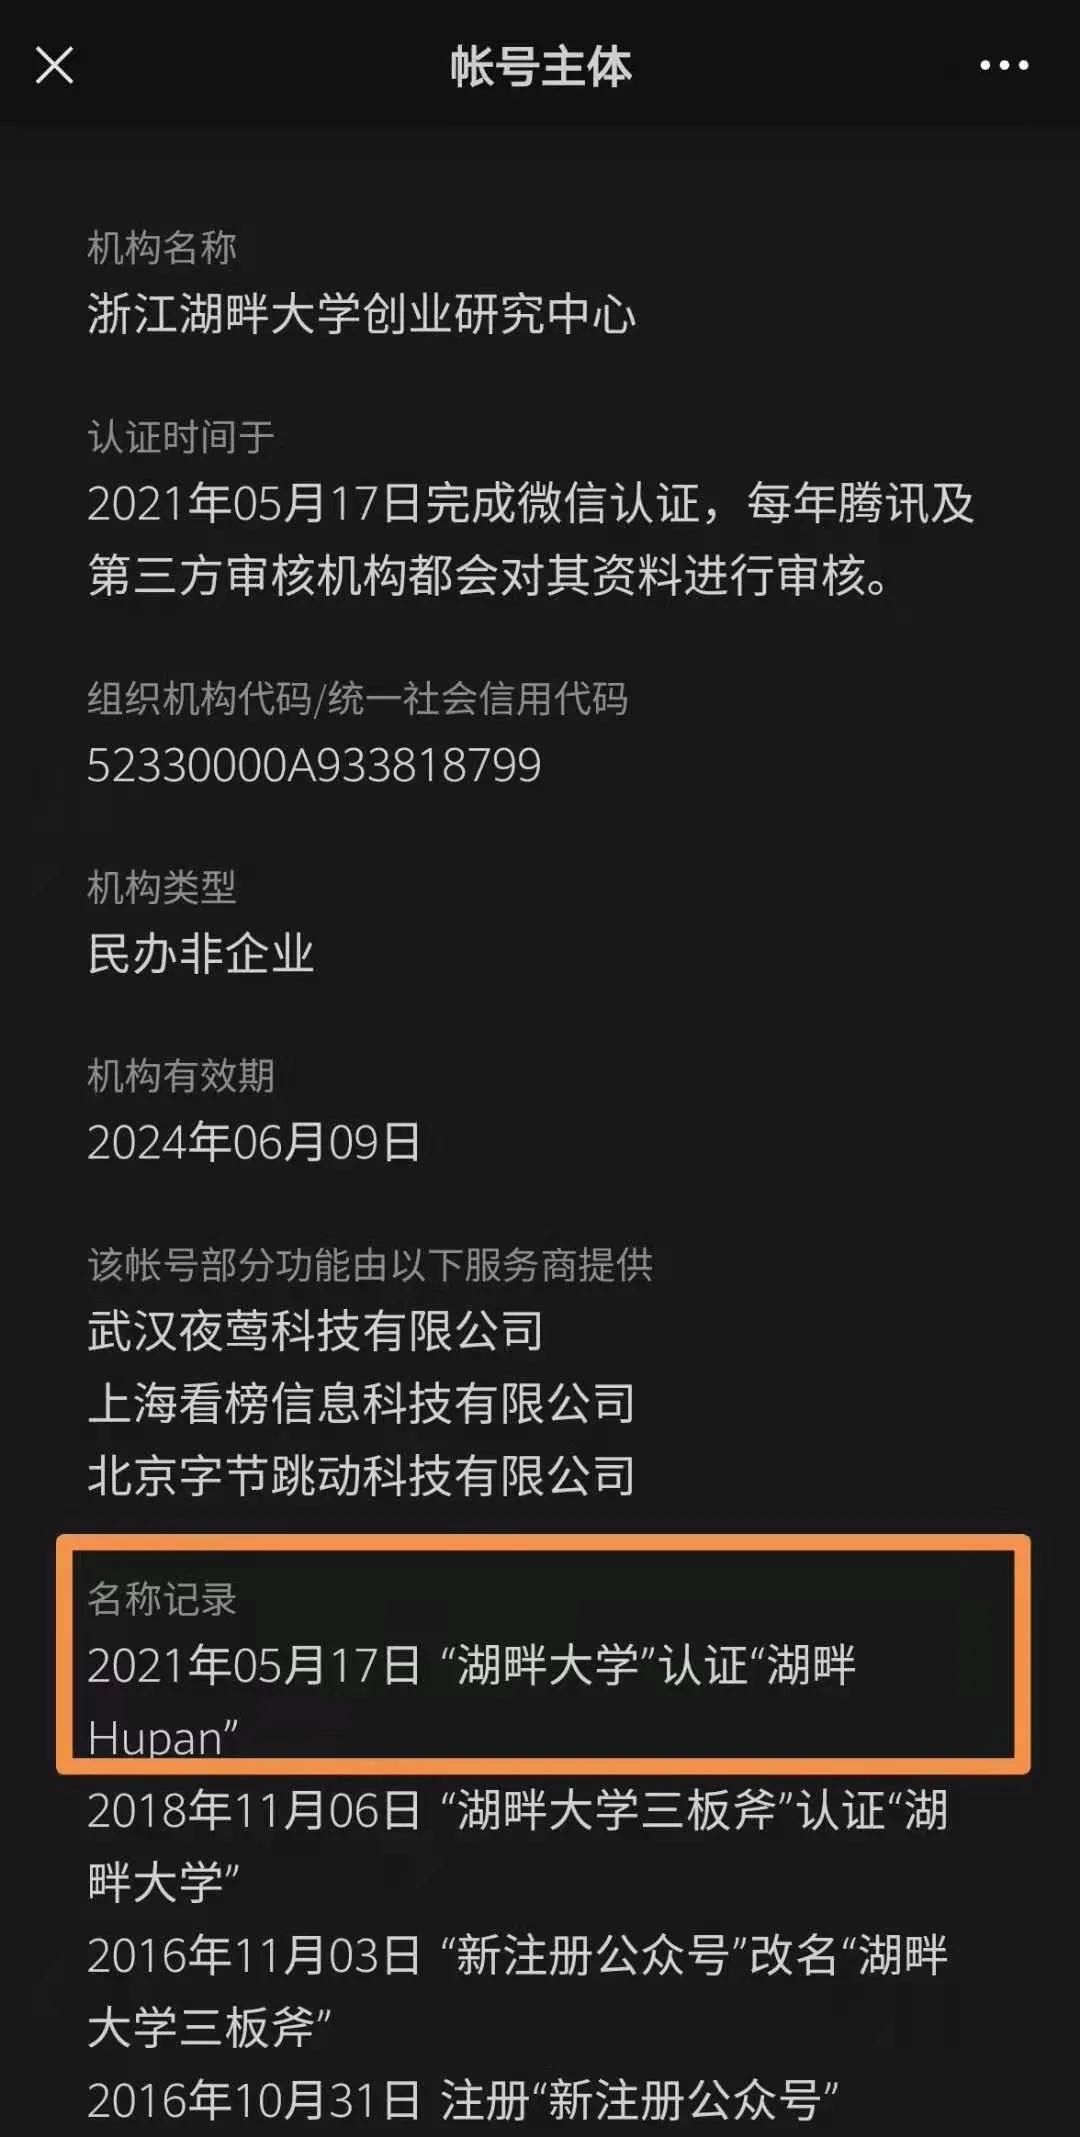 """湖畔大学回应改名""""湖畔Hupan"""",具体怎么回事?"""